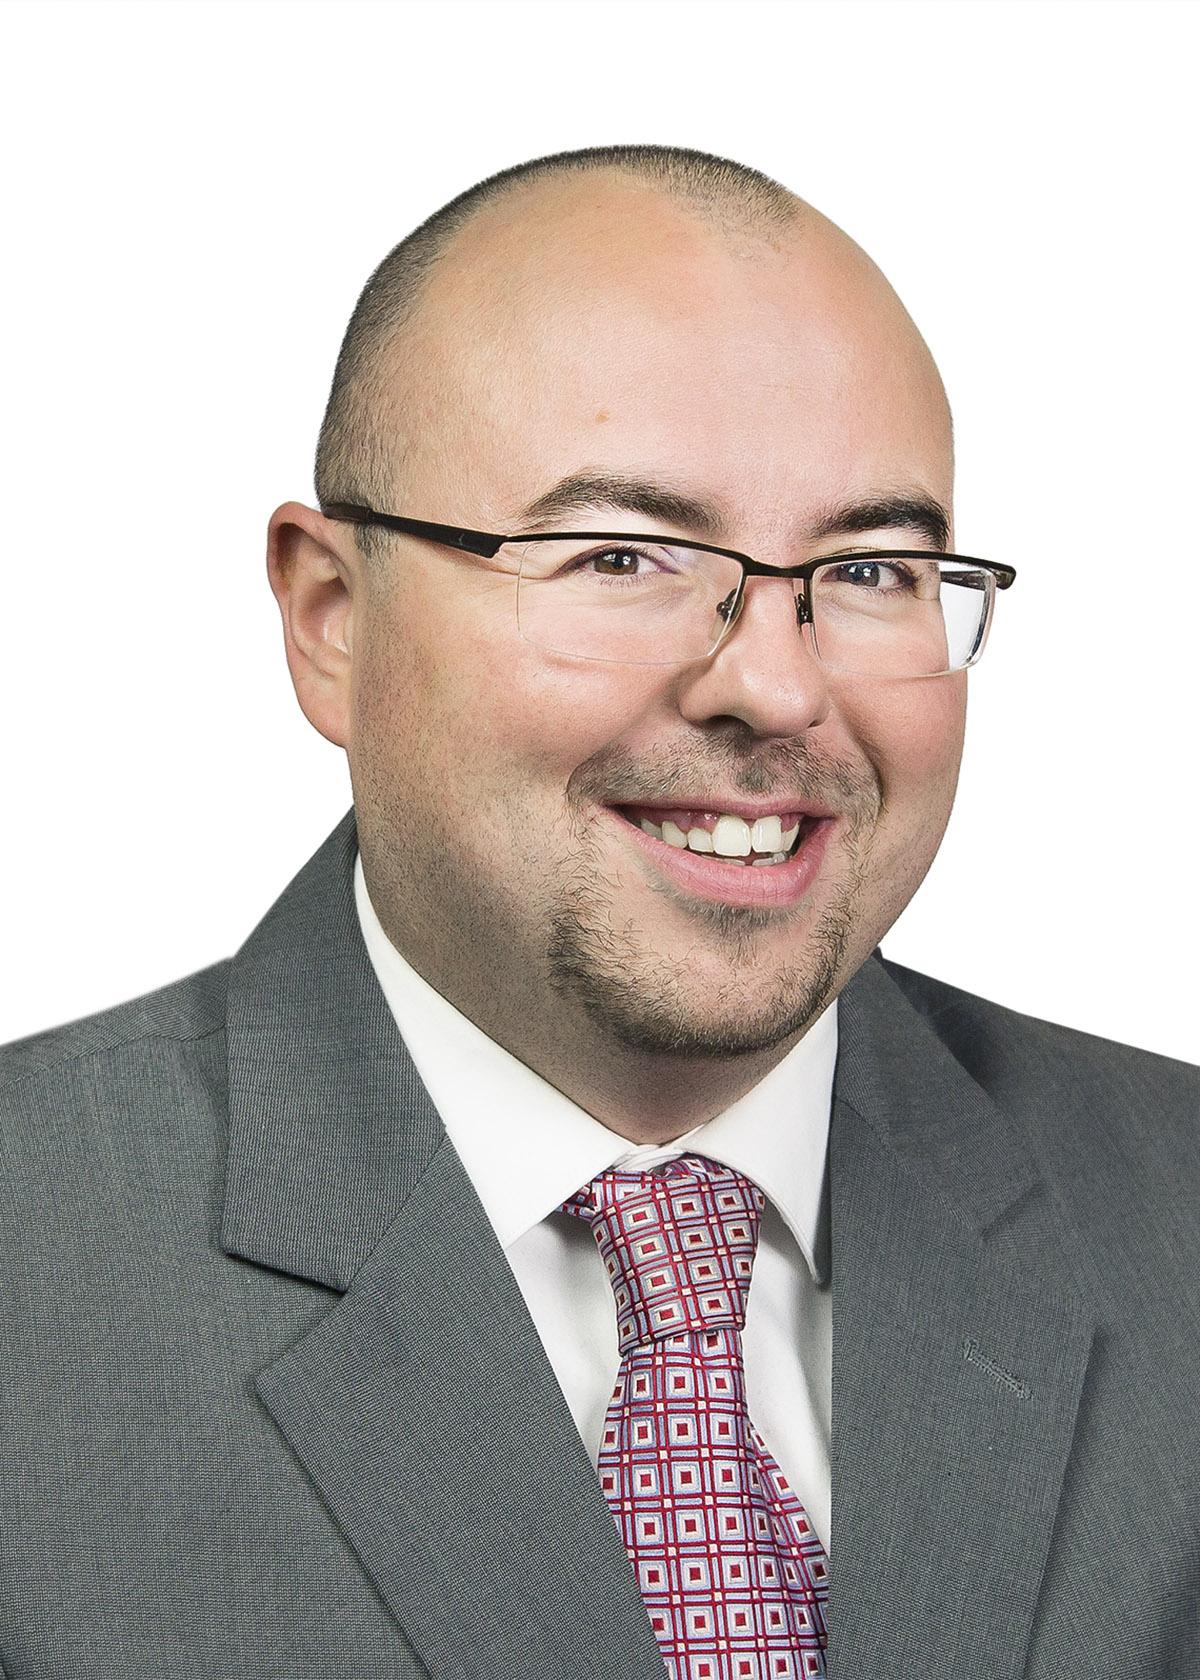 Ian Abreu, IOM